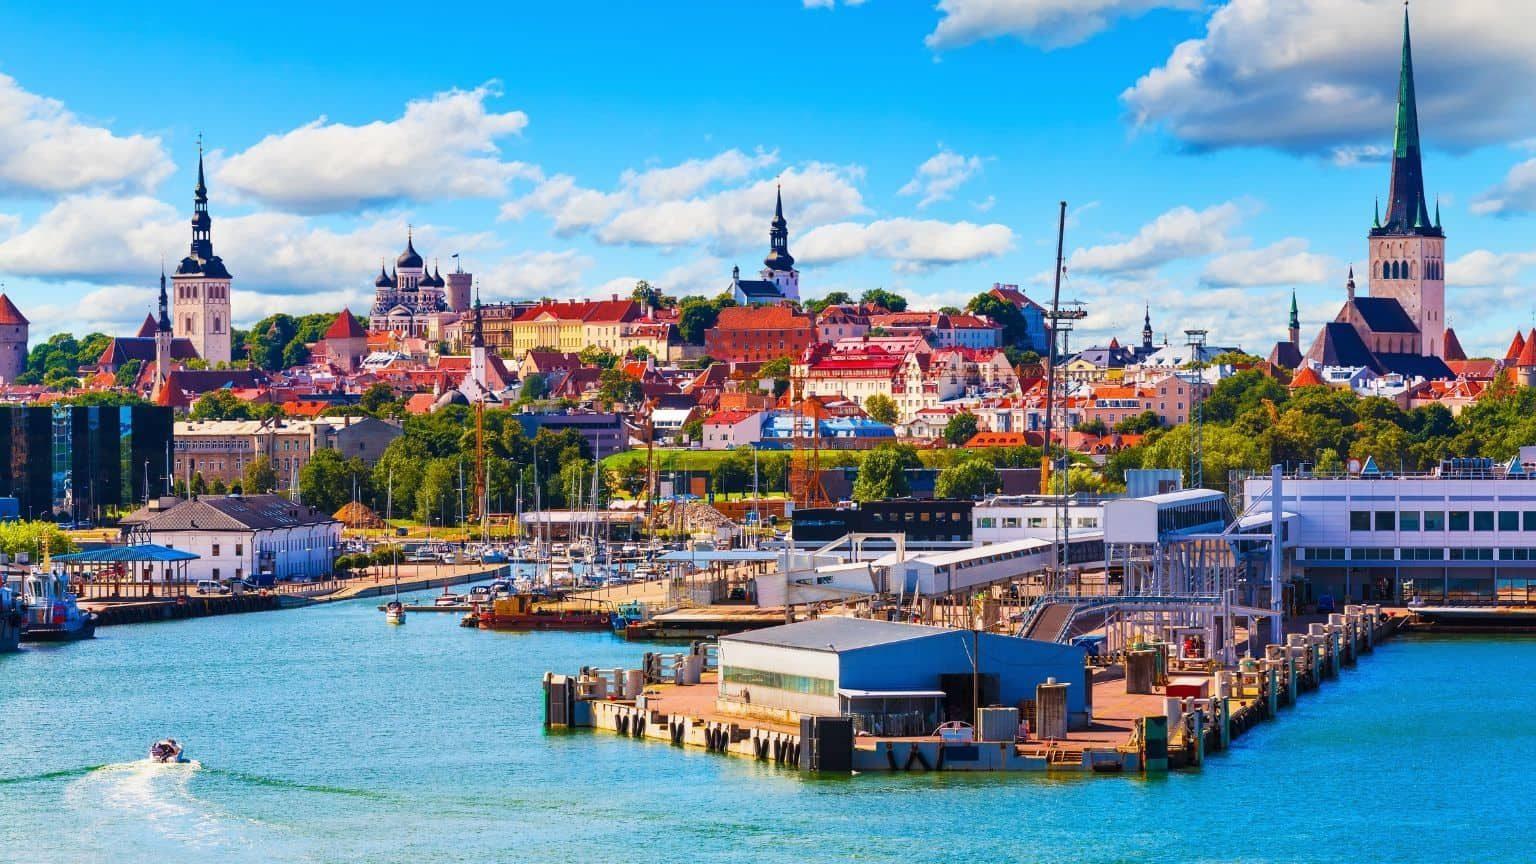 Old Town, Estonia